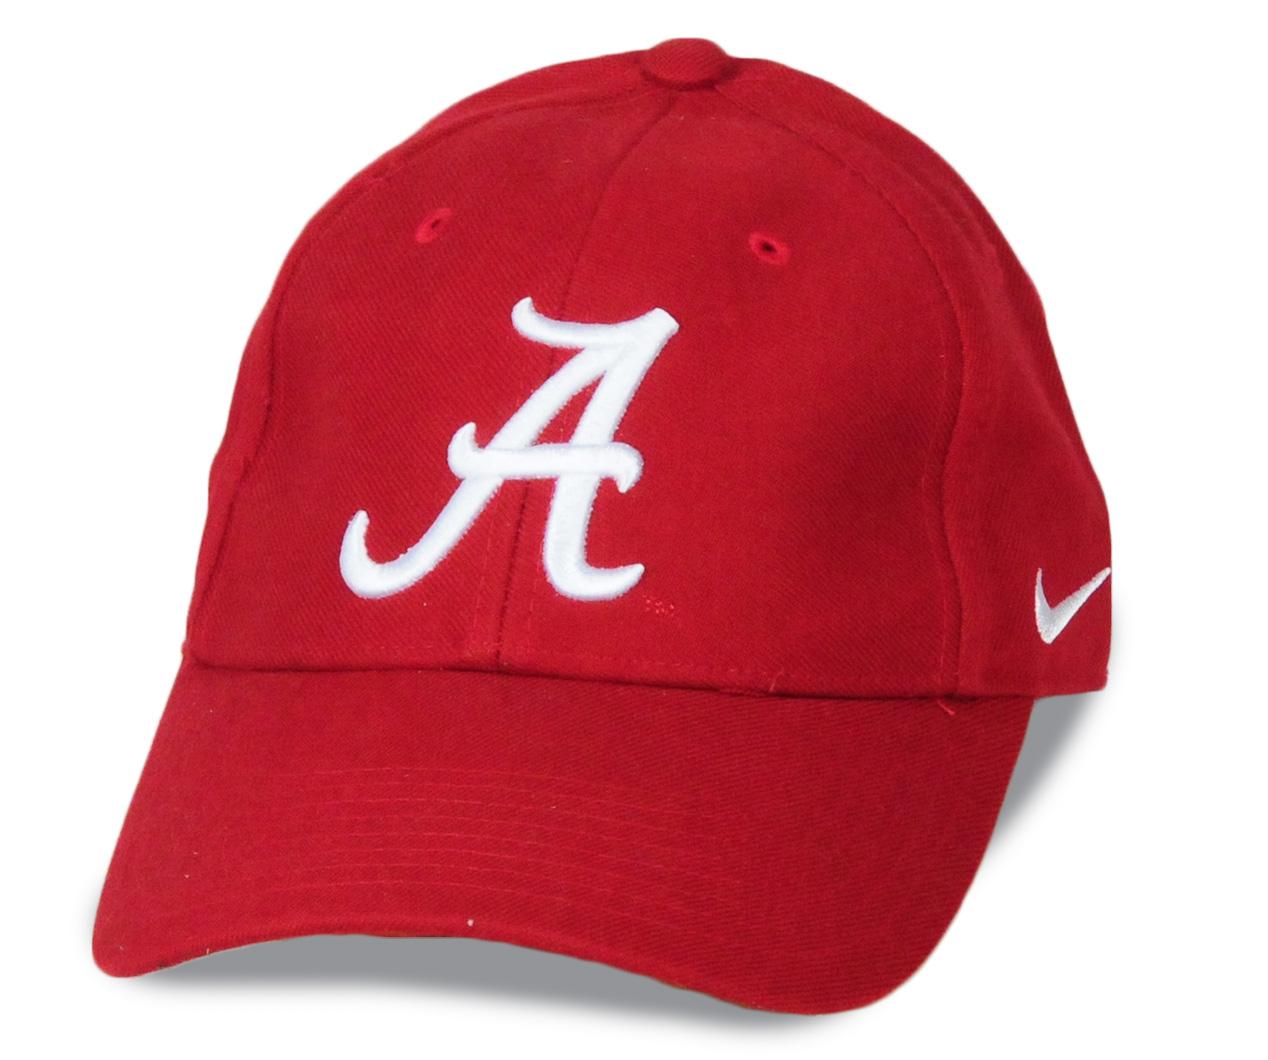 Красная бейсбольная кепка - заказать с доставкой